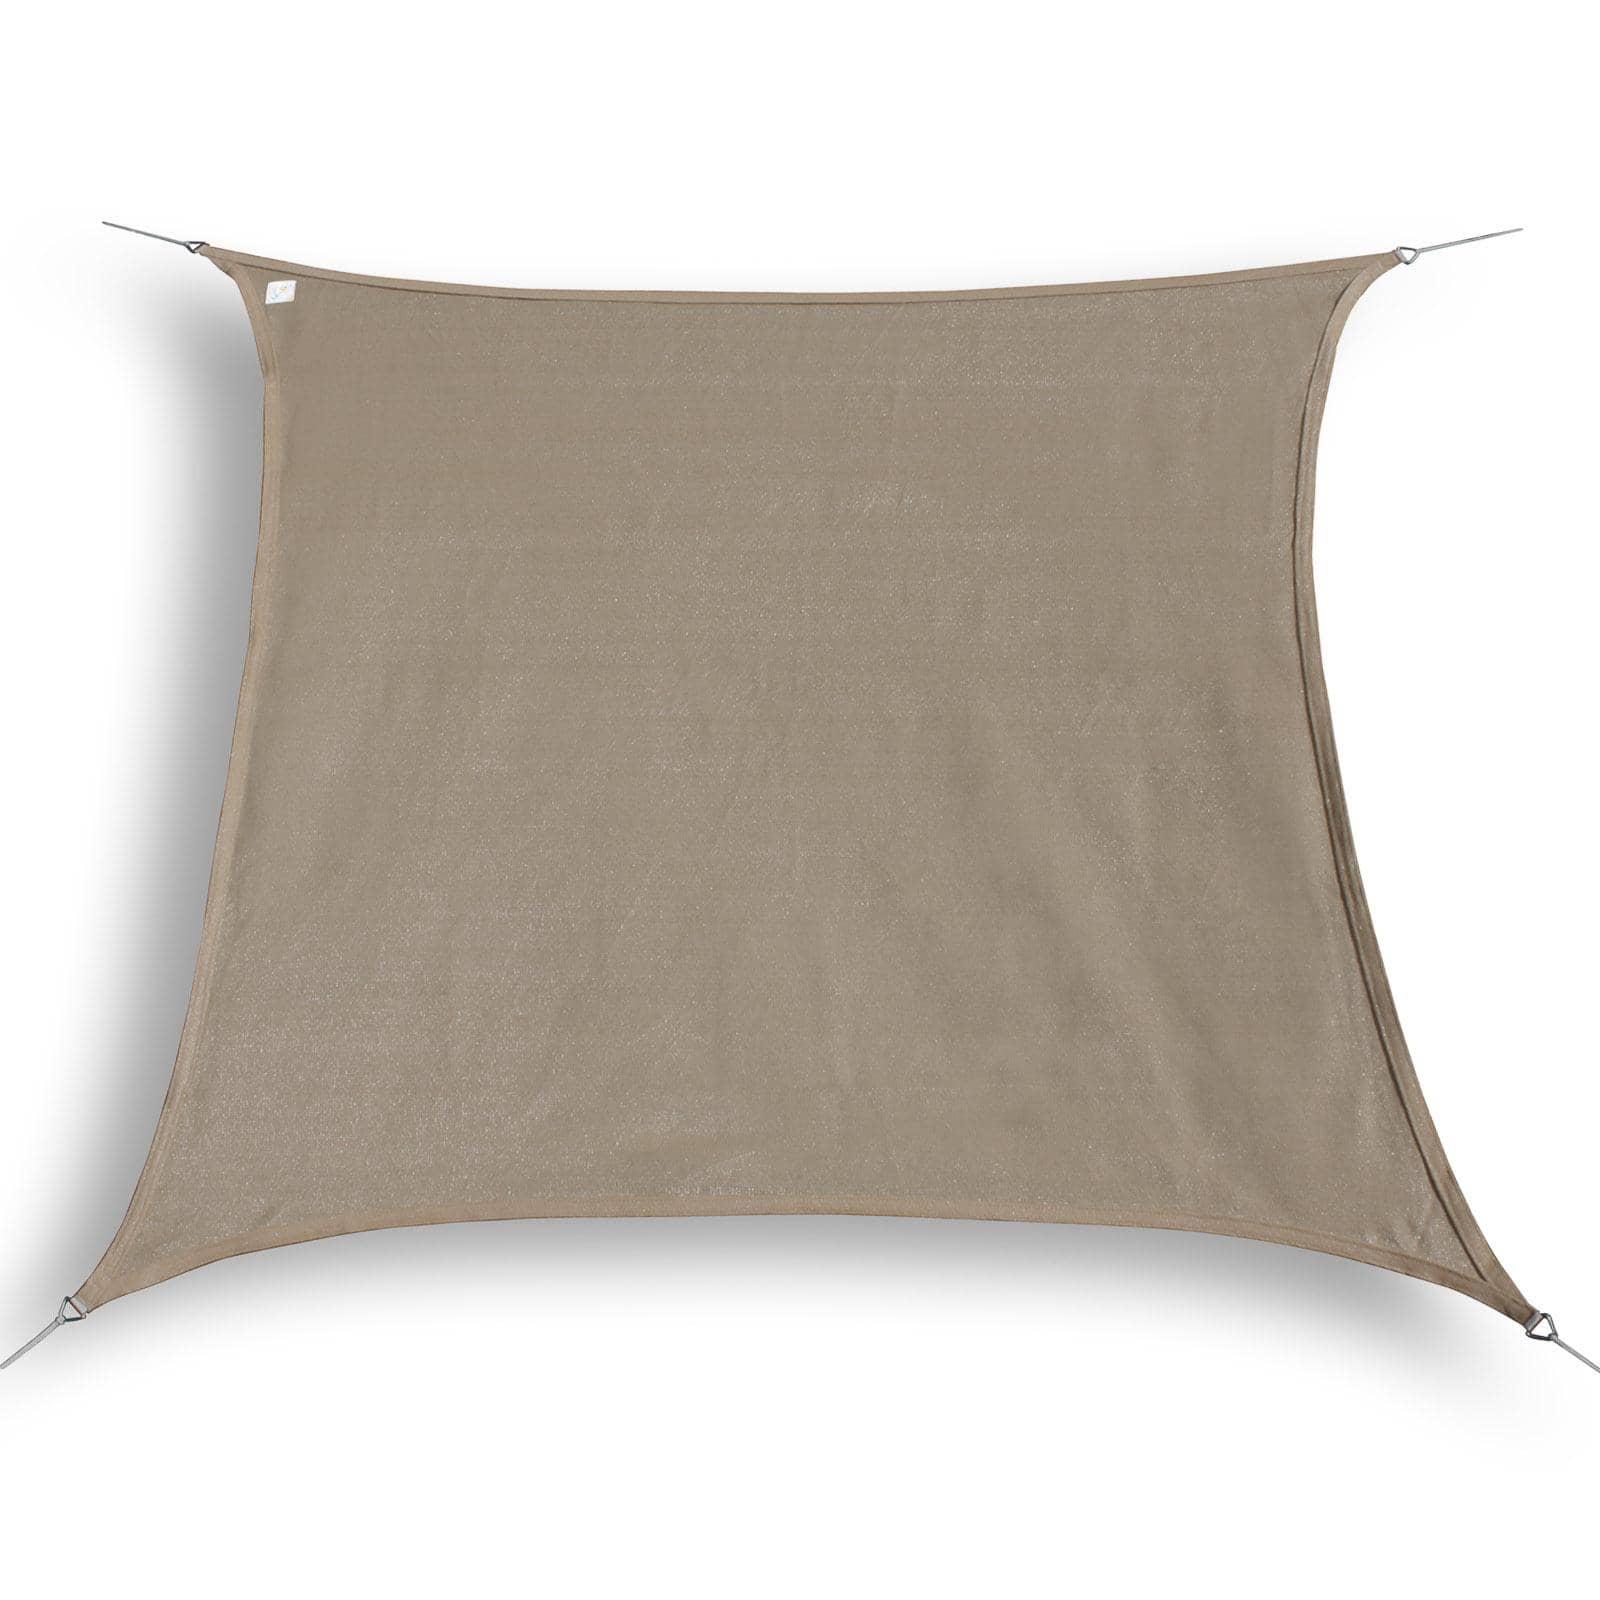 hanSe® Schaduwdoek Vierkant Waterdoorlatend 5x5 m - zonnedoek - Taupe